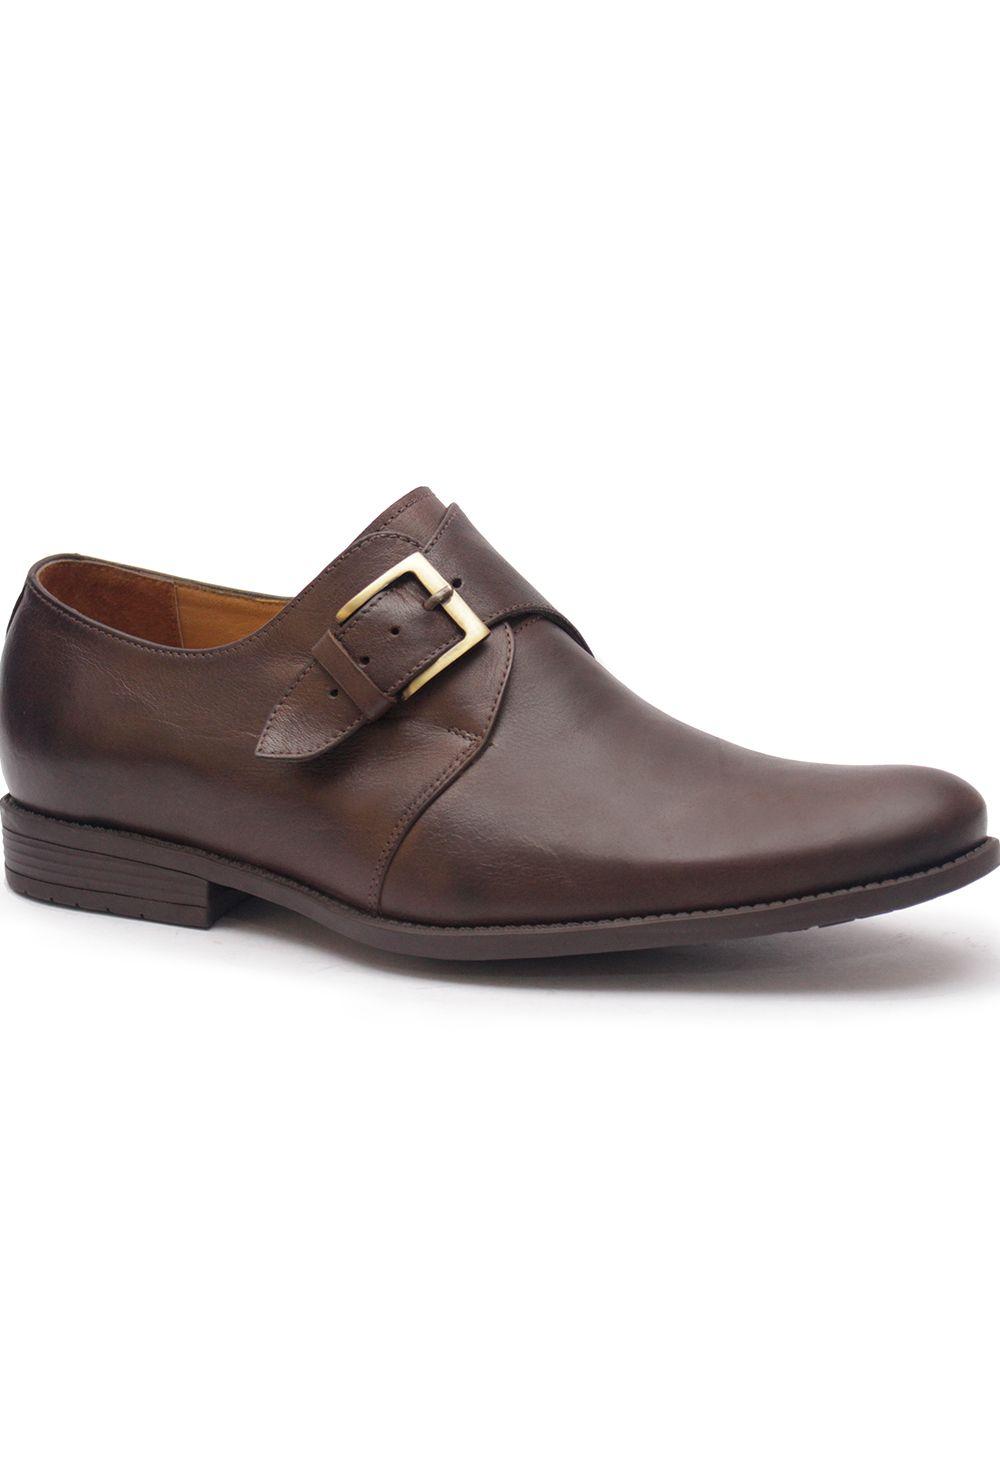 Calzado de Varón modelo CV0146 Zapato de vestir hombre